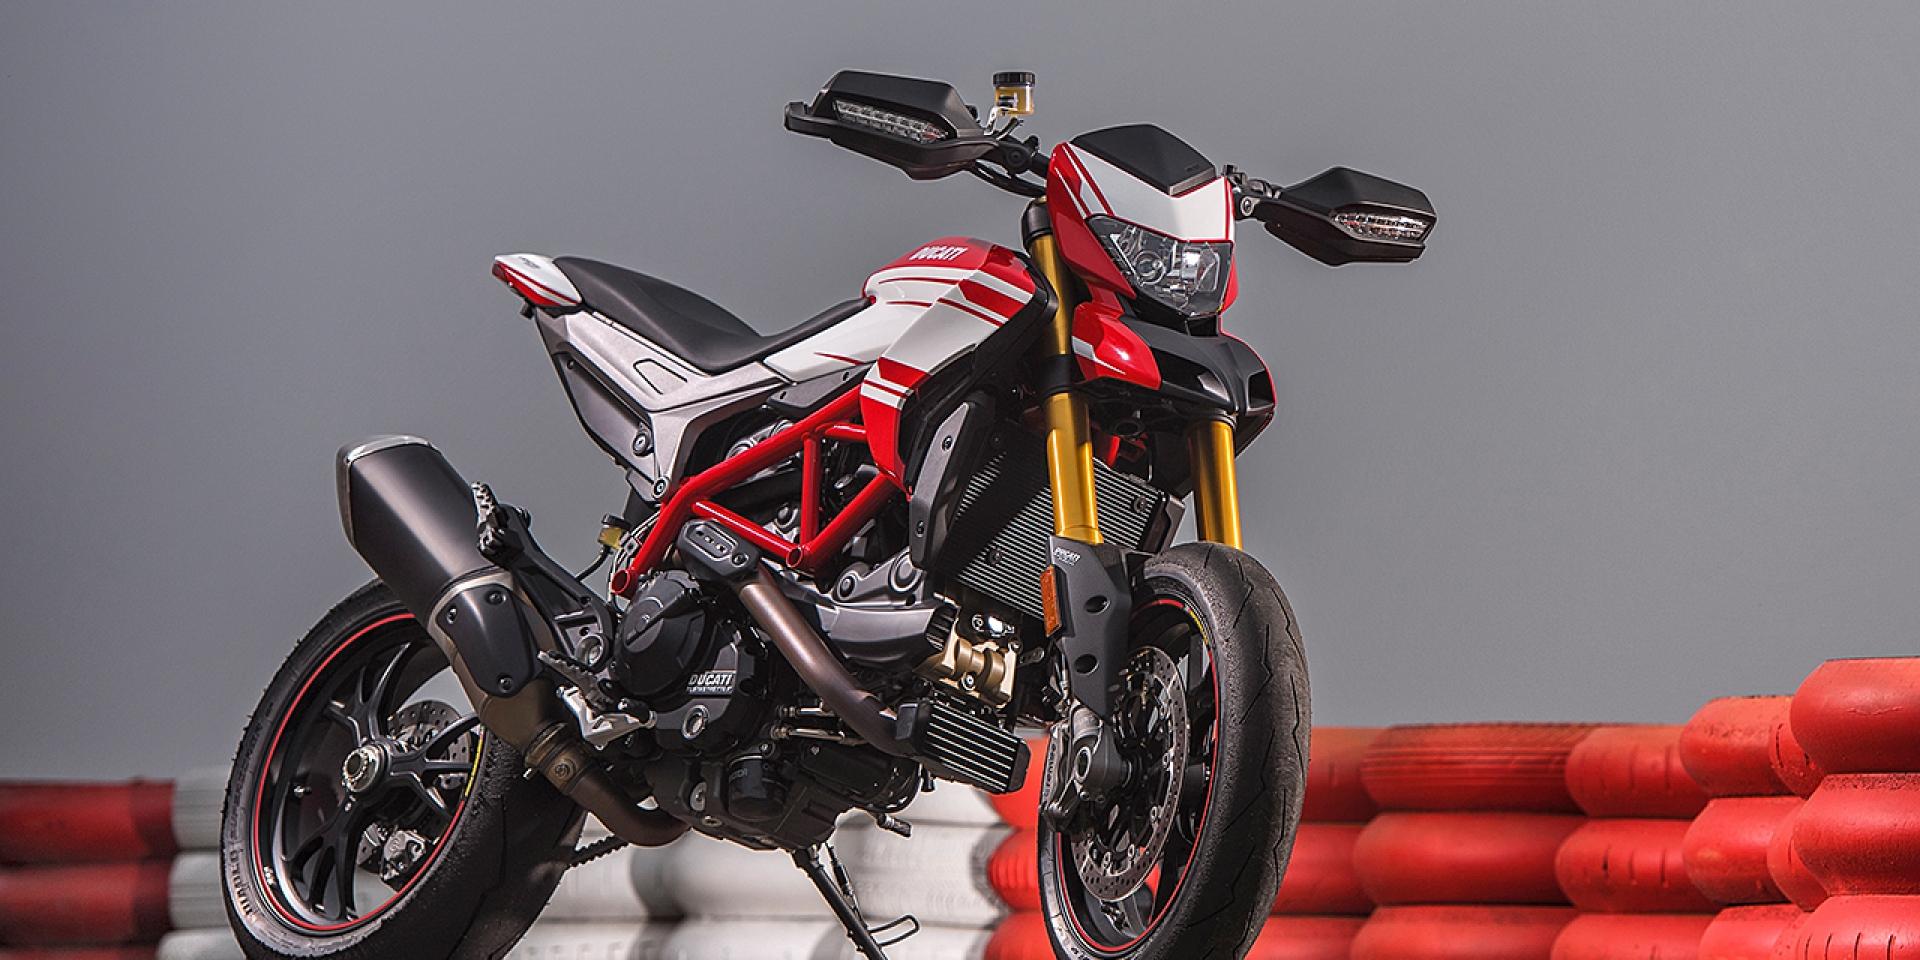 頂級規格登場。2017 Ducati Hypermotard 939 SP